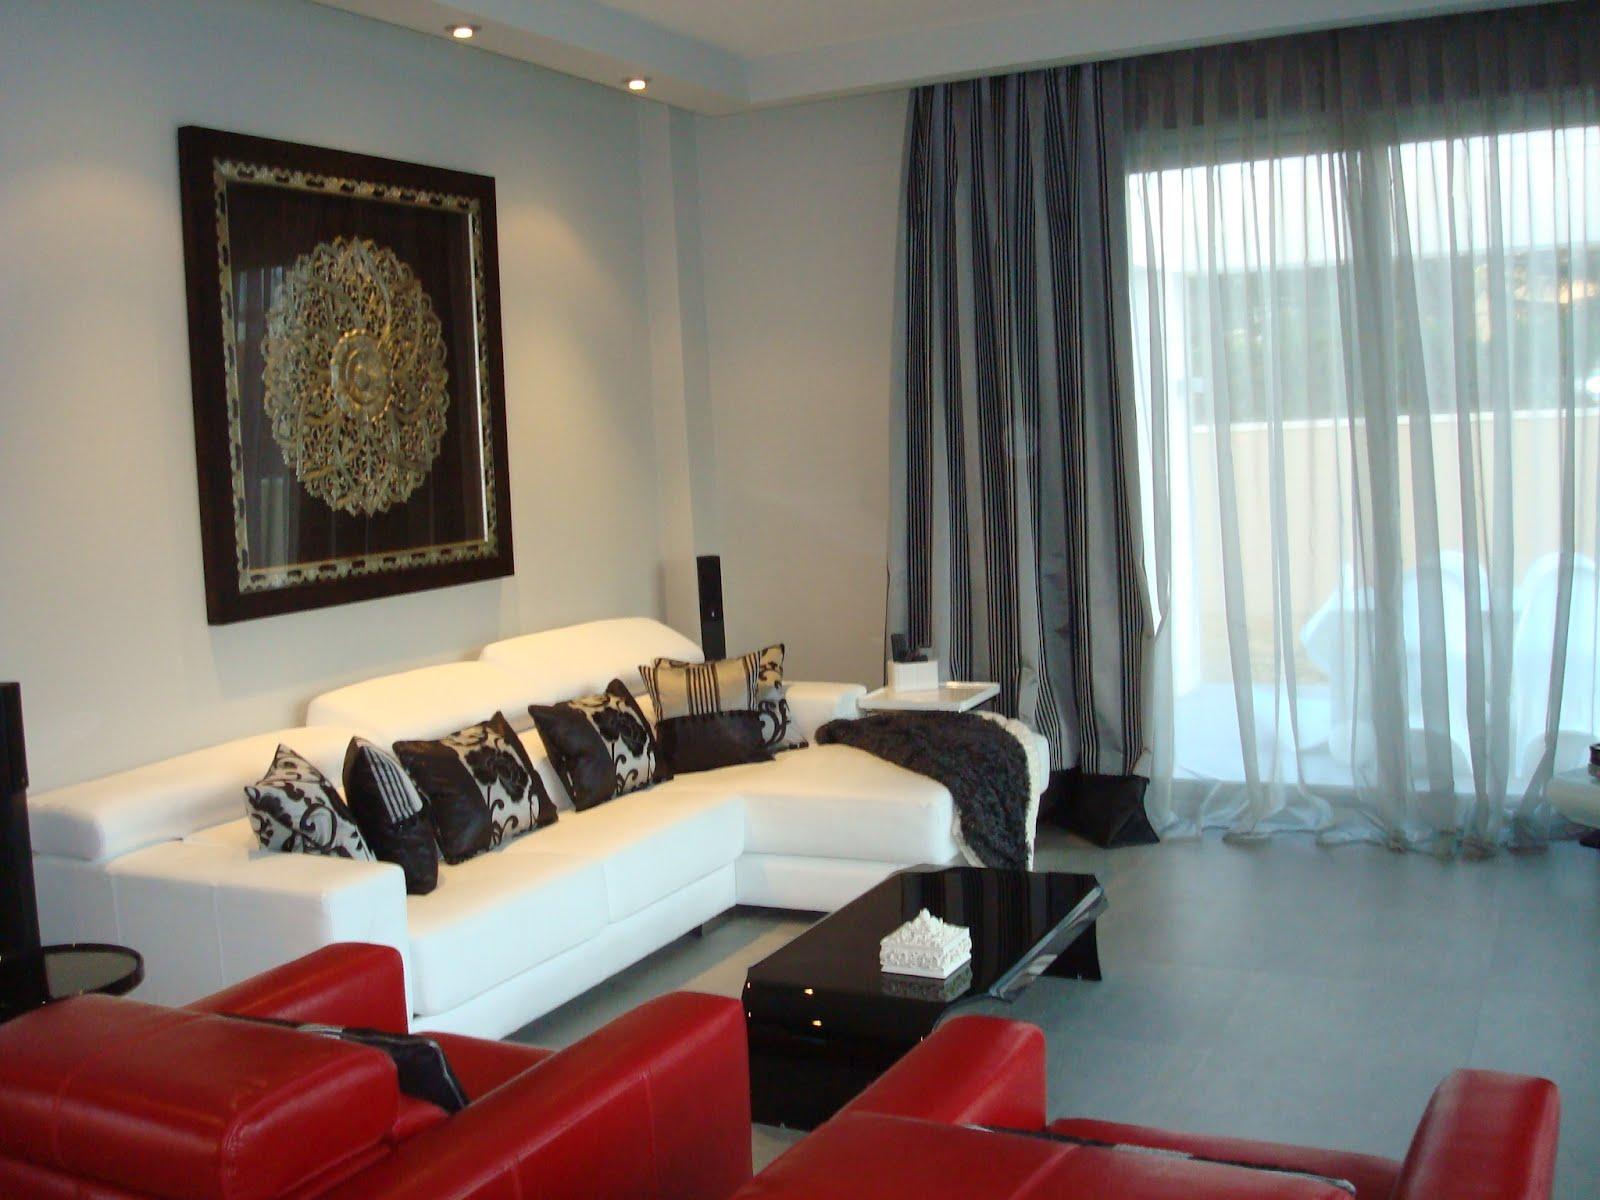 Visillos tejidos el mundo - Visillos para dormitorios ...